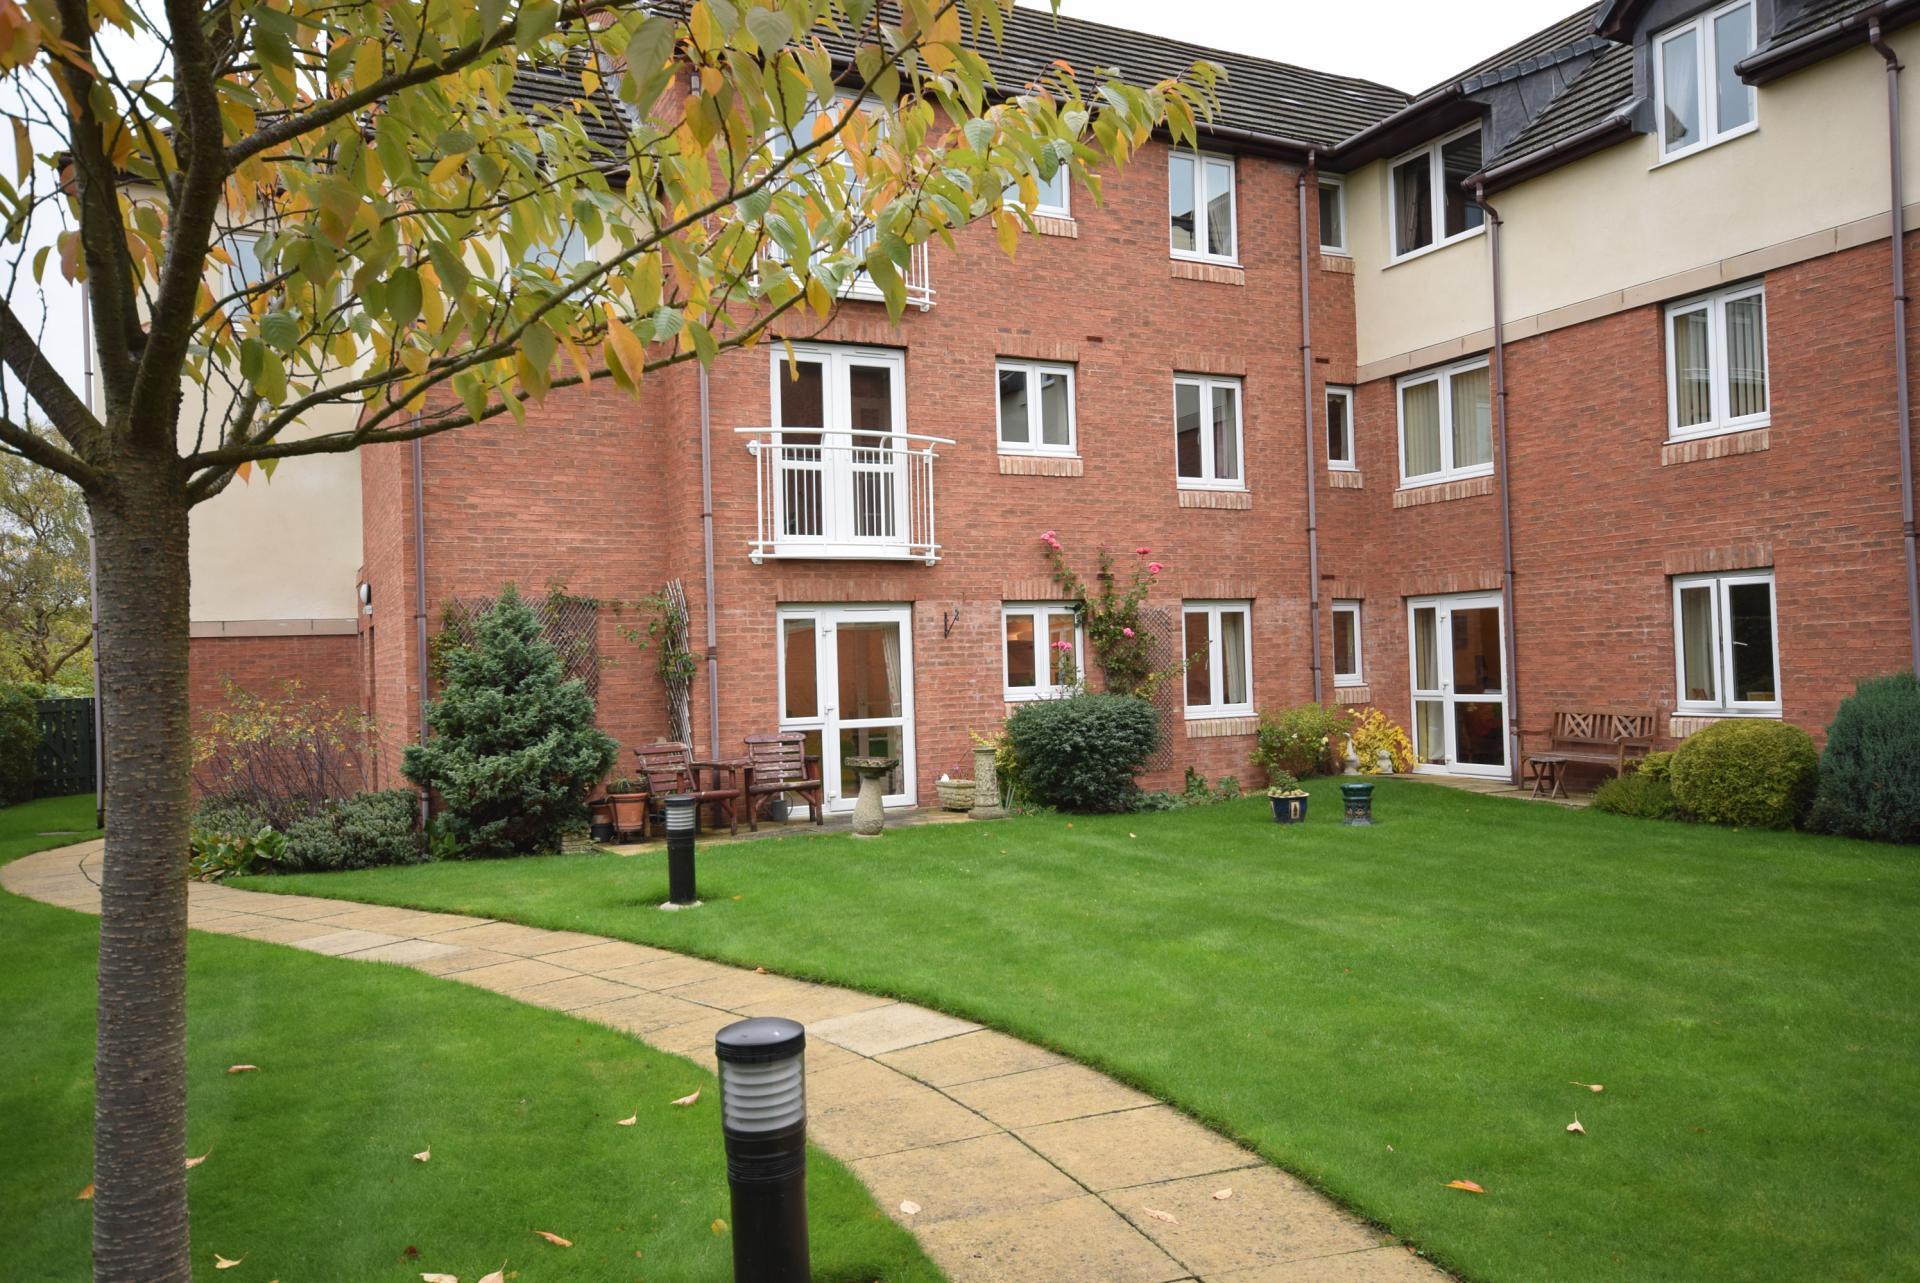 1 Bedroom Property for sale in Aydon Road, Corbridge